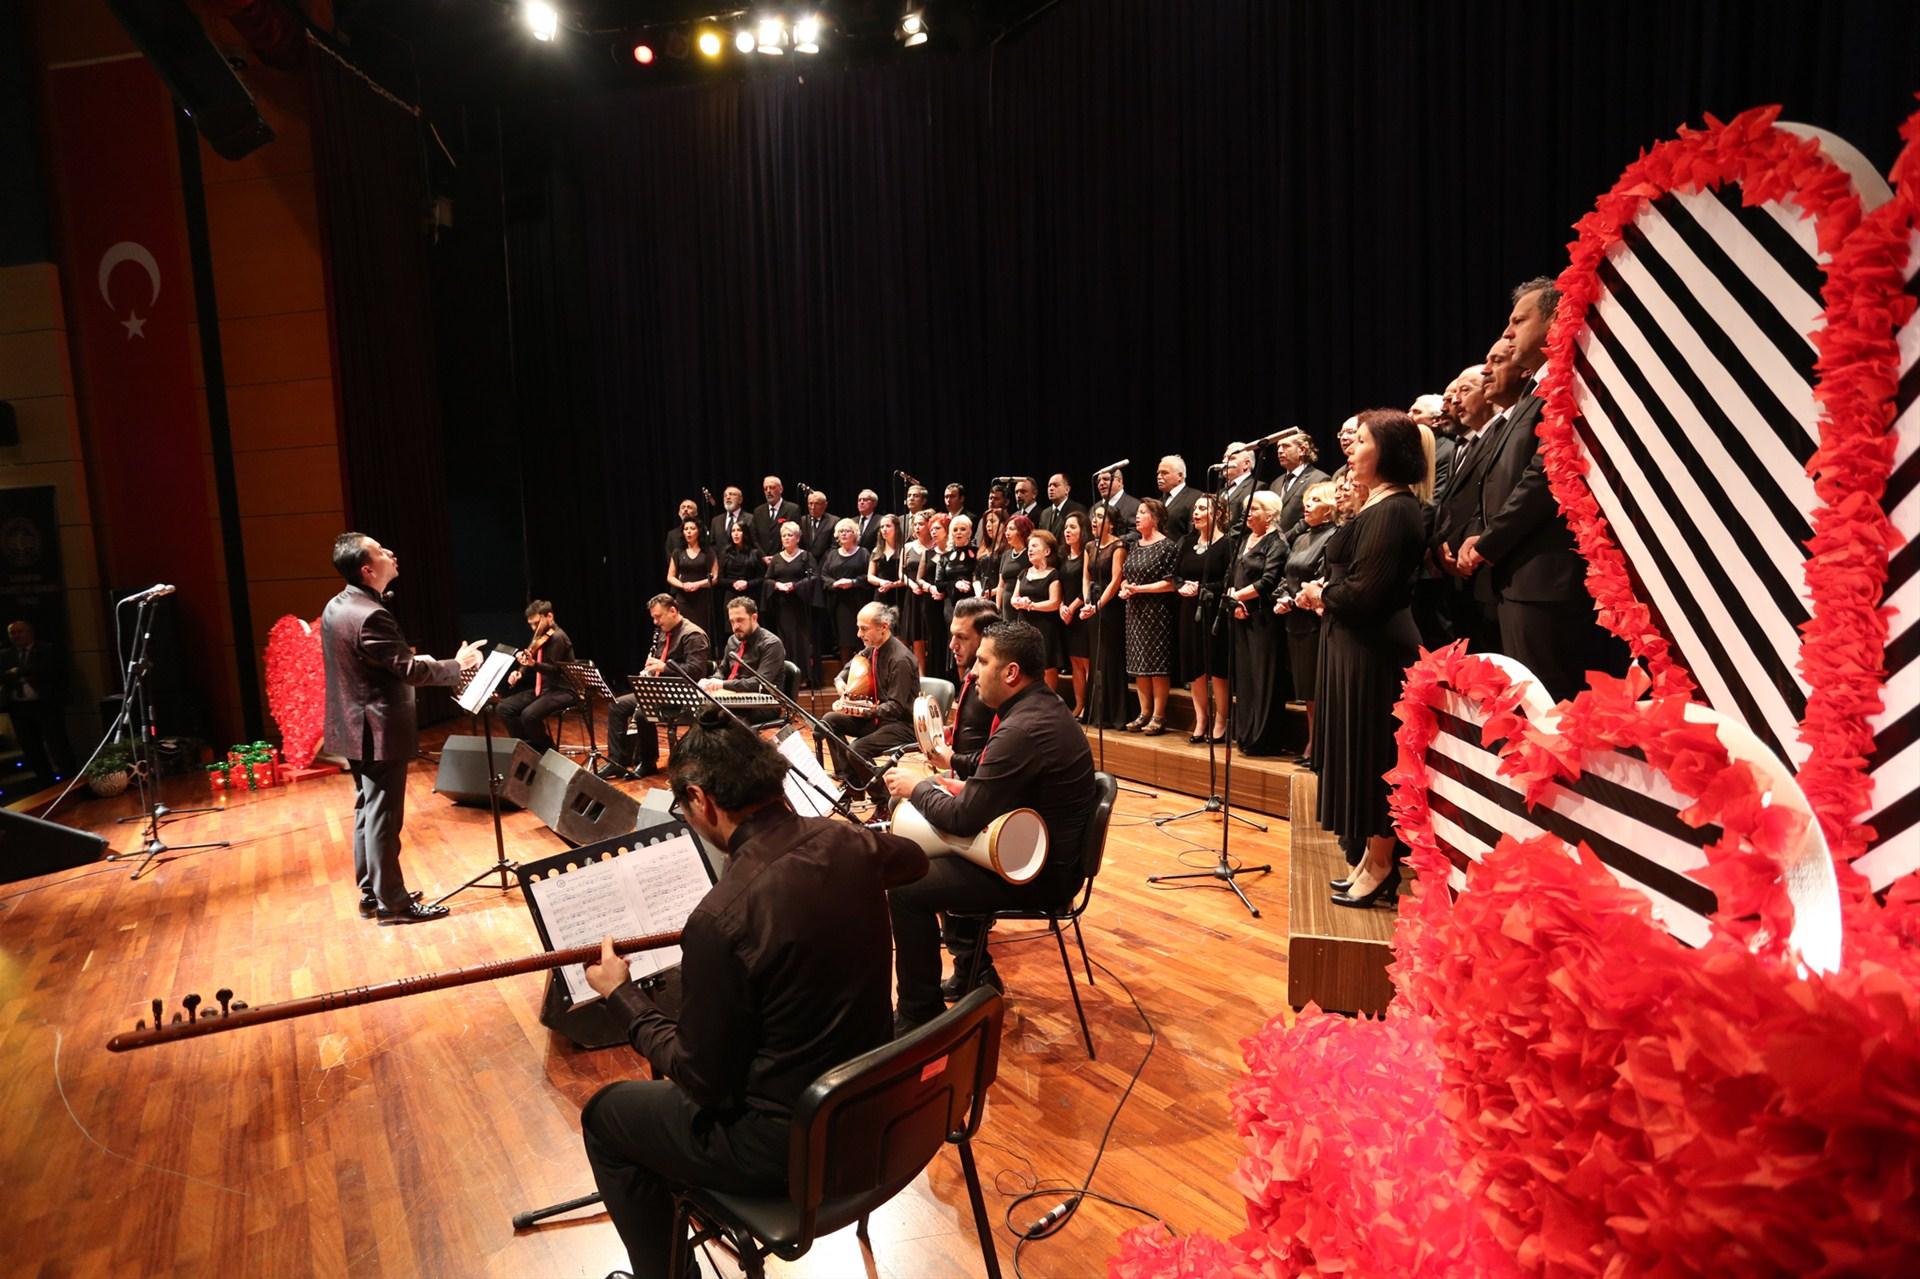 SATSO Türk Müziği Topluluğunun sevgi konseri gerçekleşti